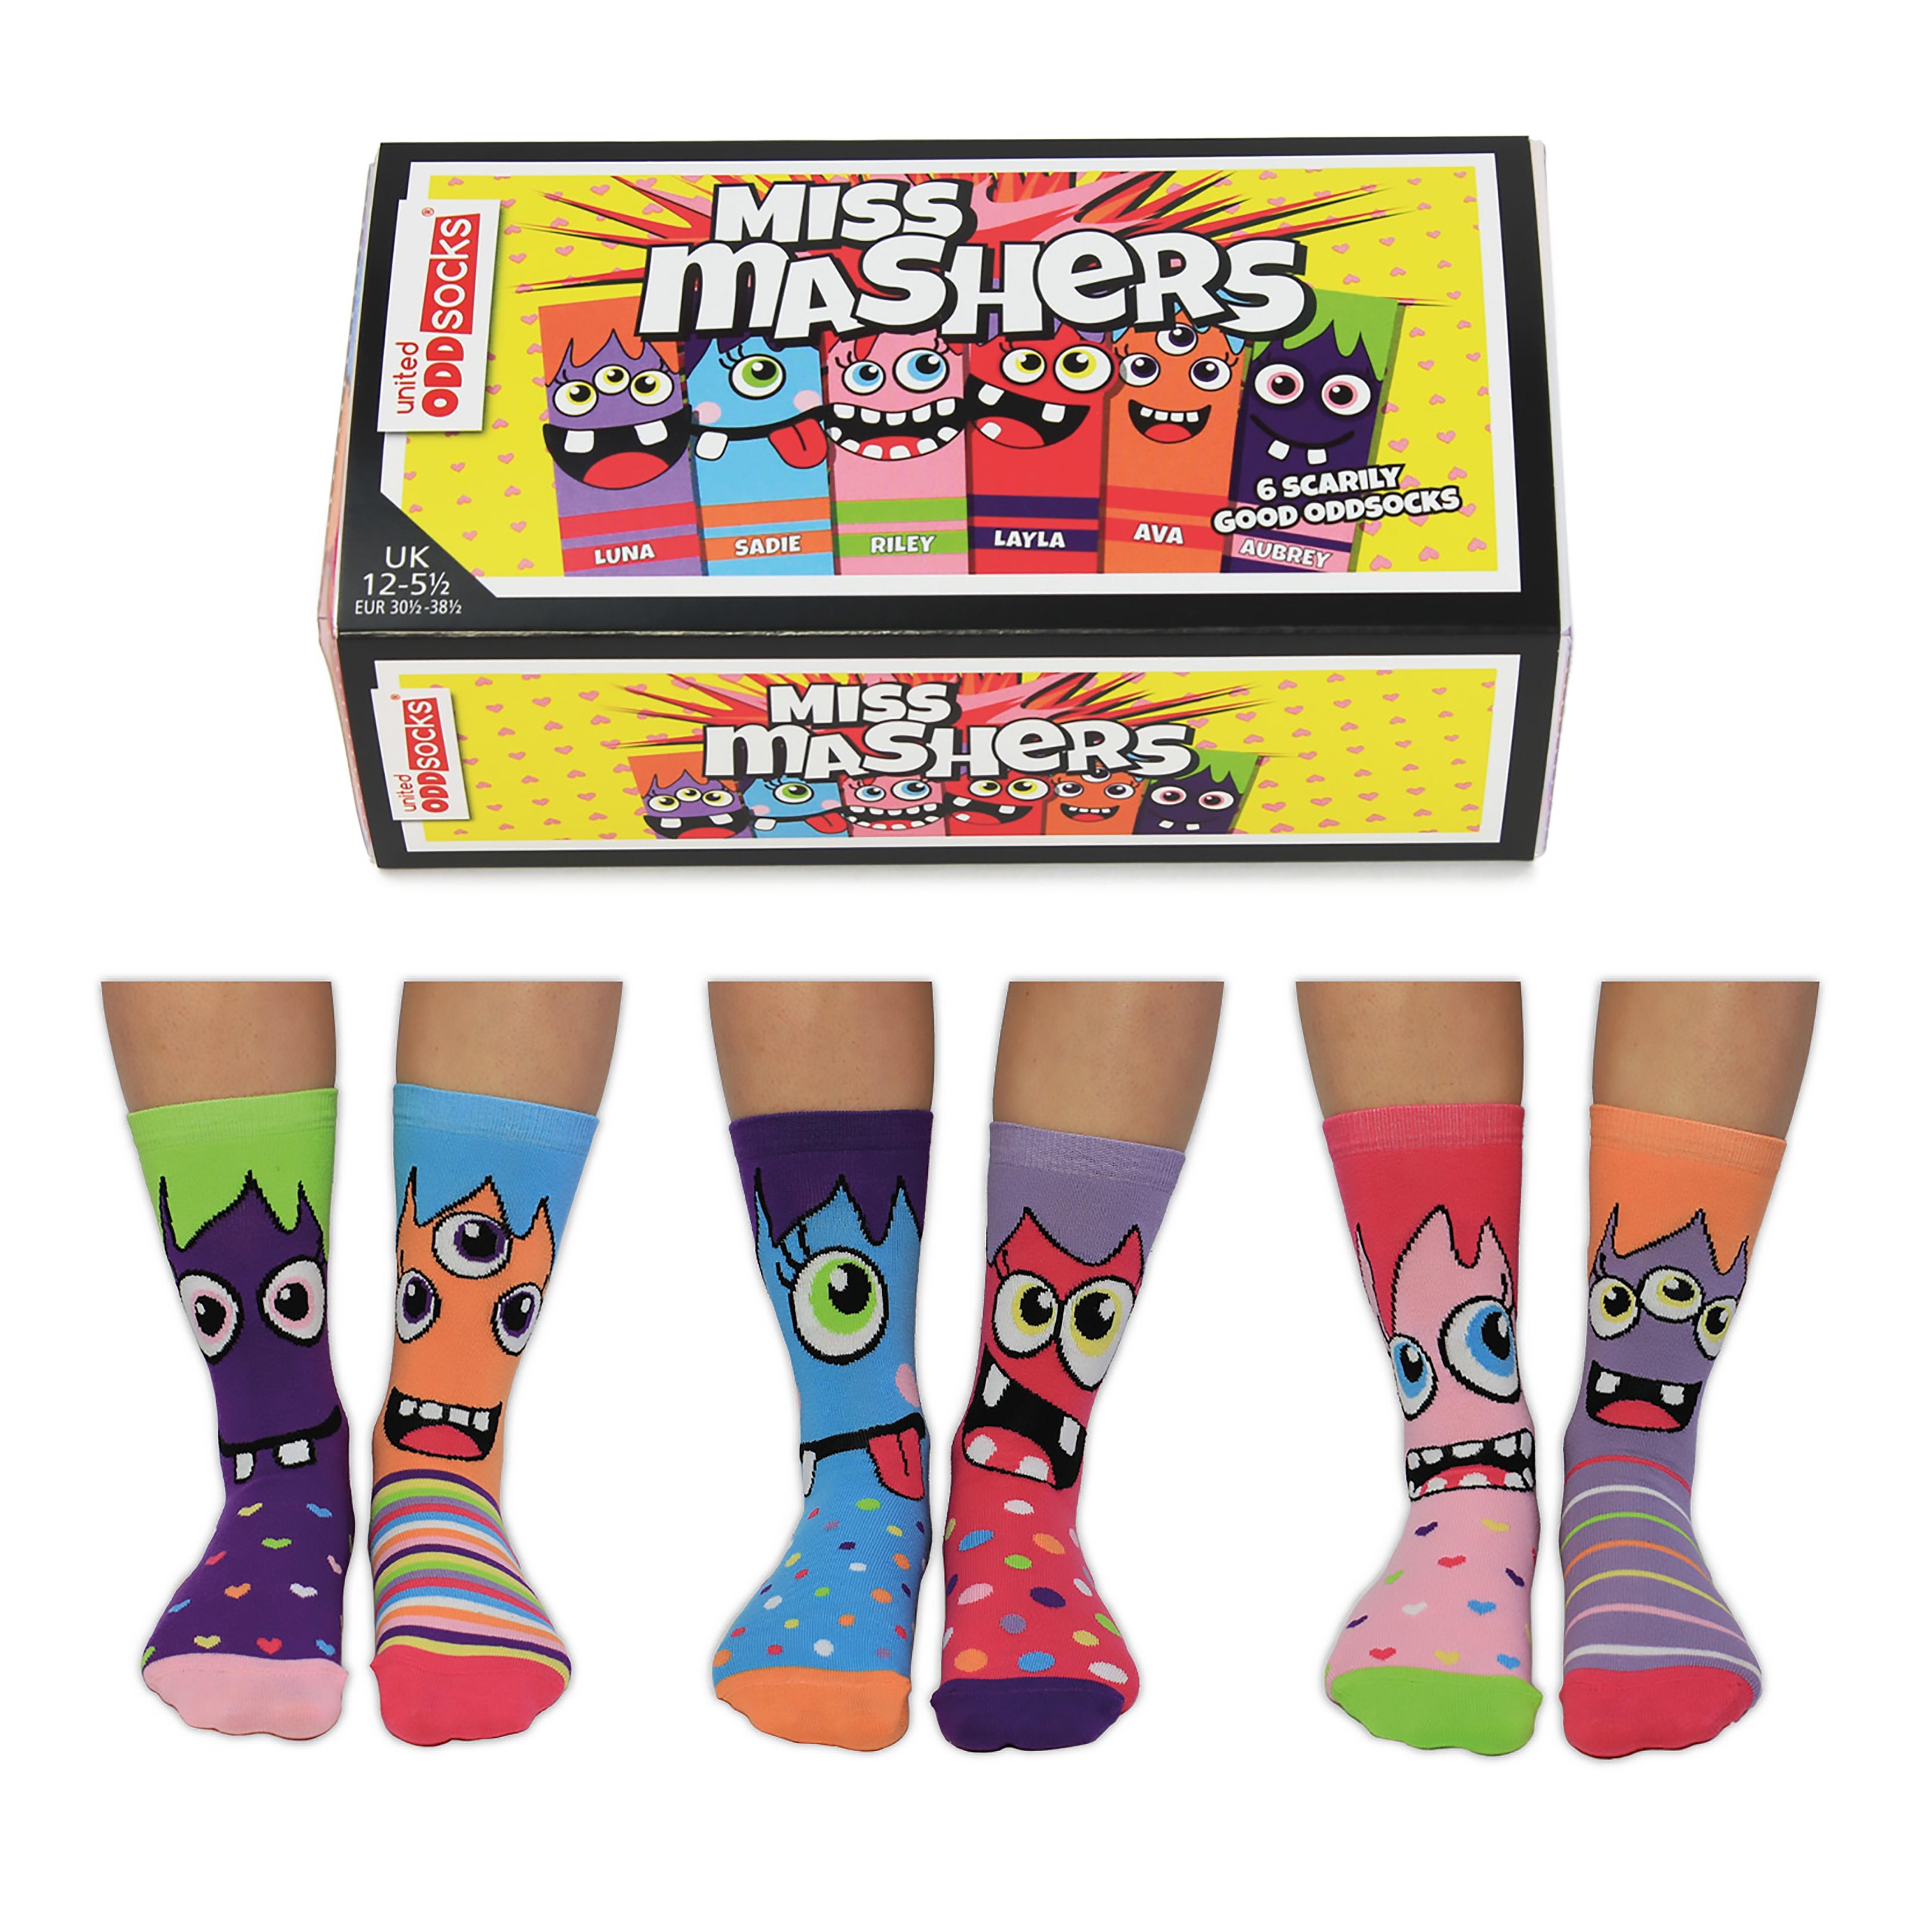 Miss Mashers - Socks for Girls by United Oddsocks UK 12 - 5.5